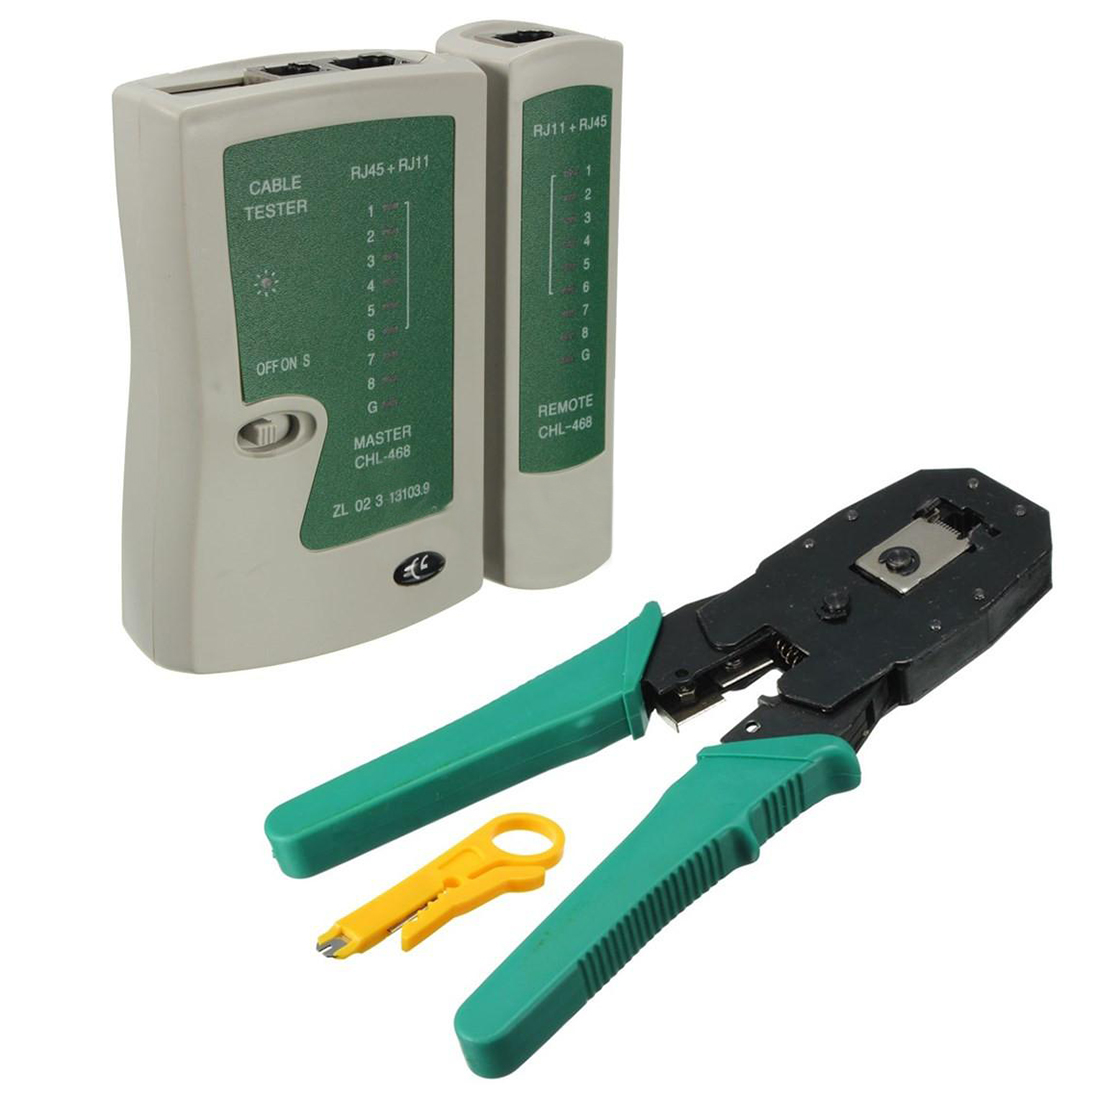 Profissional cabo de rede testador lan rj45 rj11 com cabo de fio crimper crimp pc rede ferramentas manuais herramientas